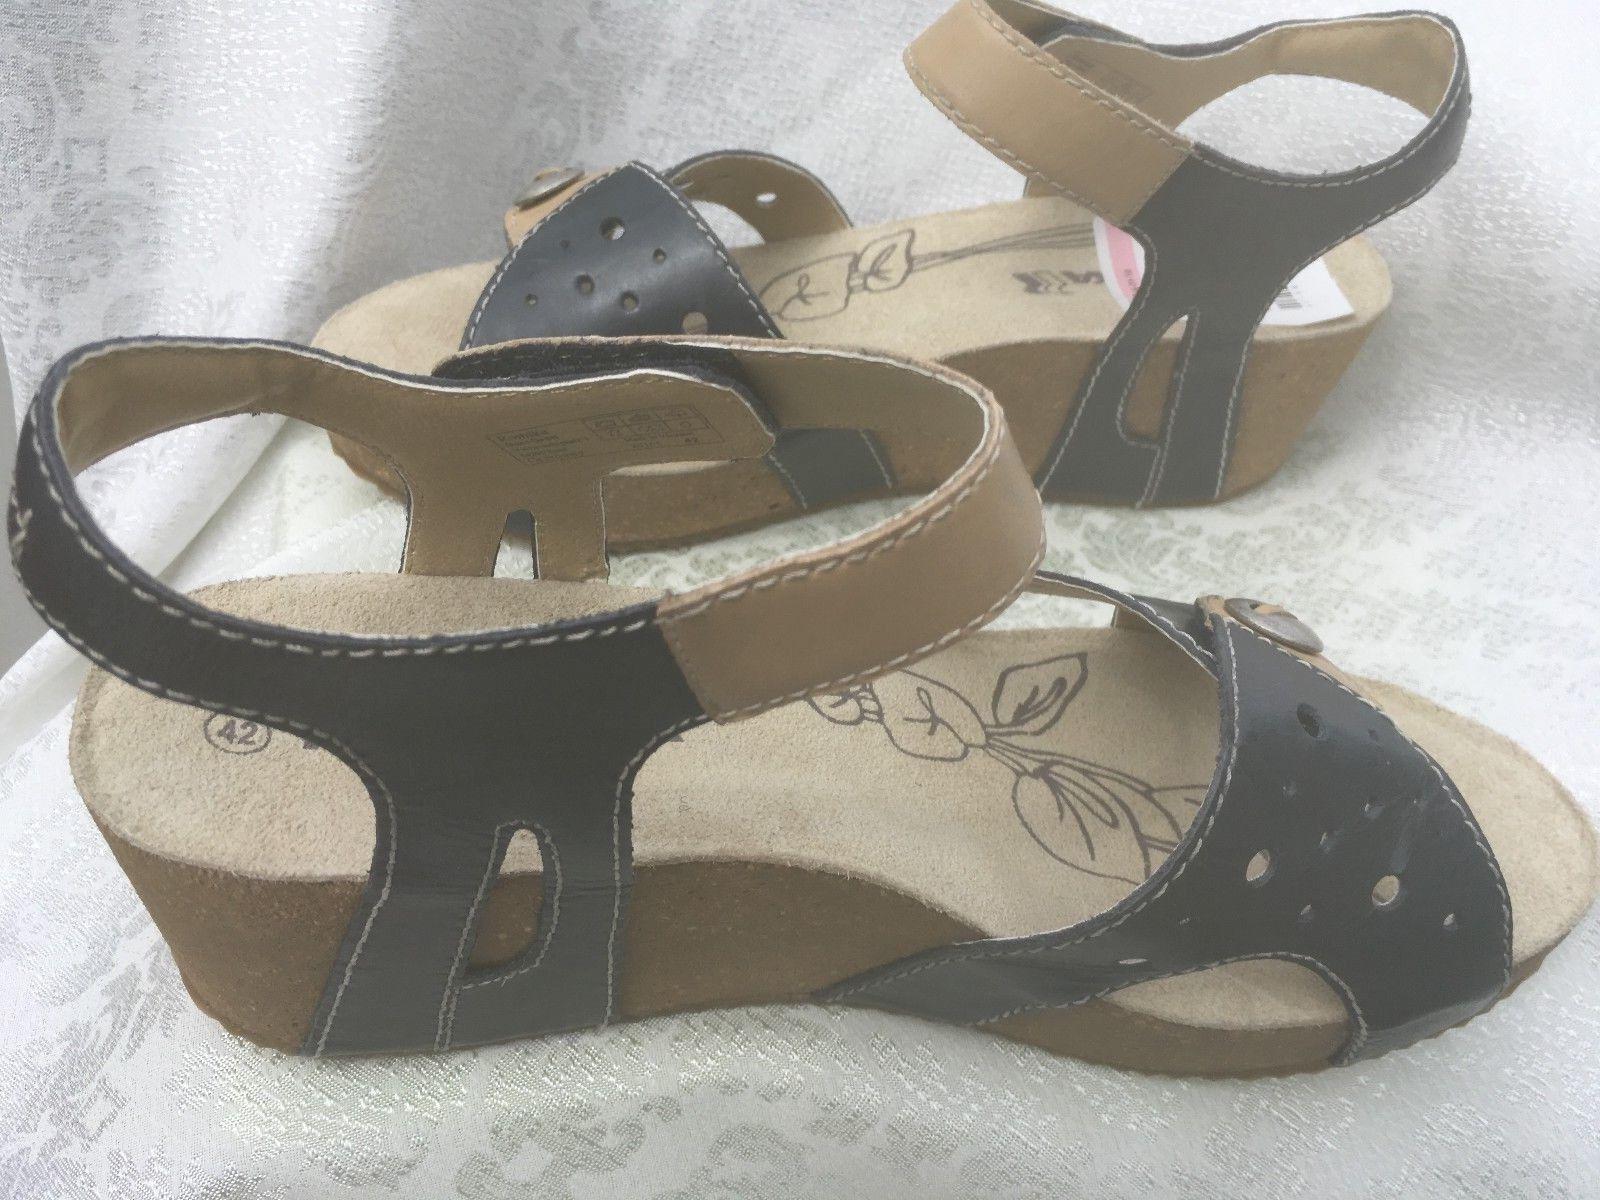 Romika Femme Florida 05 Synthétique Compensé sandaeu teint plage bleu Taille 11 M 42